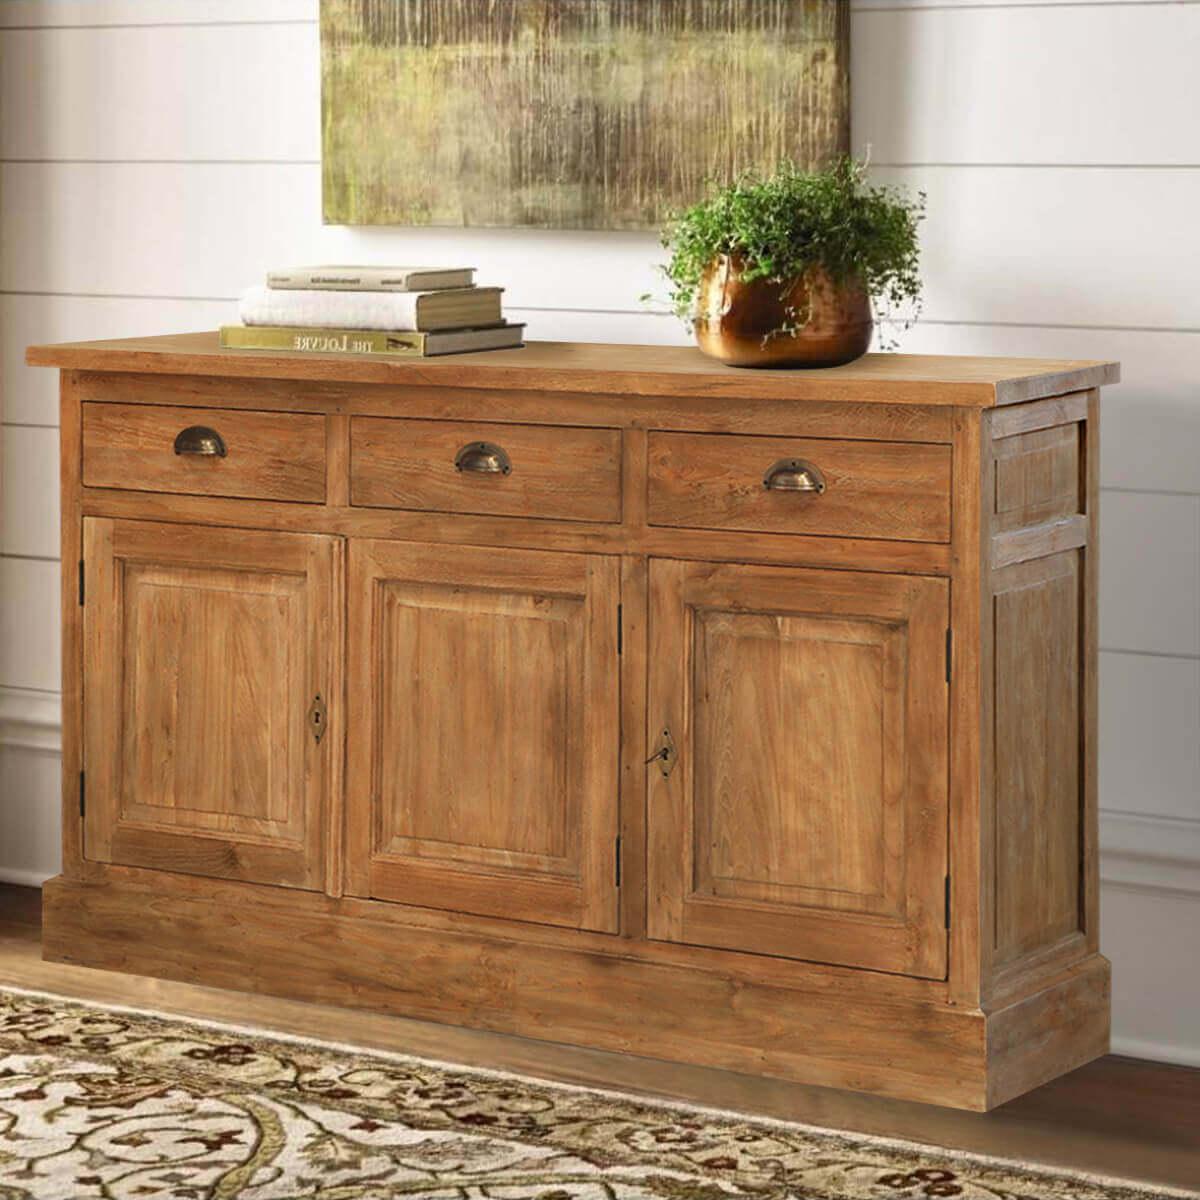 Teak Wood Buffet ~ Heurich traditional reclaimed teak wood drawer sideboard